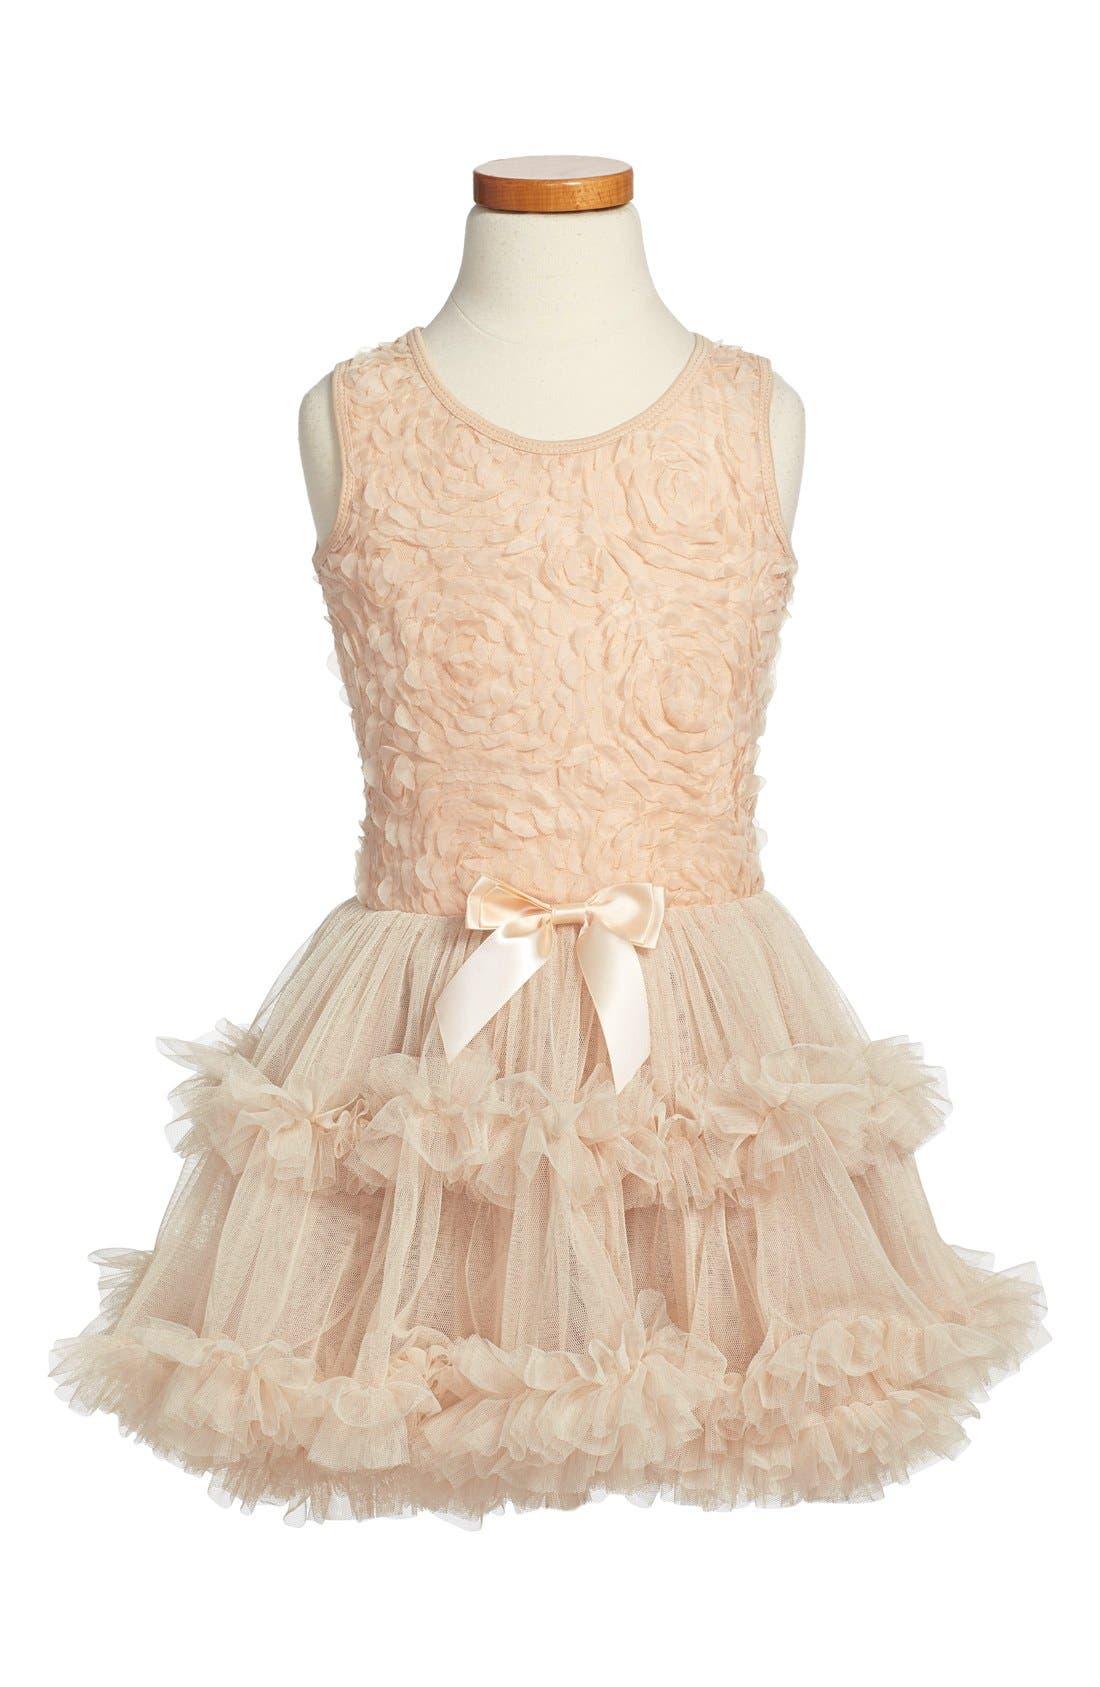 Ribbon Rosette Sleeveless Dress,                         Main,                         color, Ivory